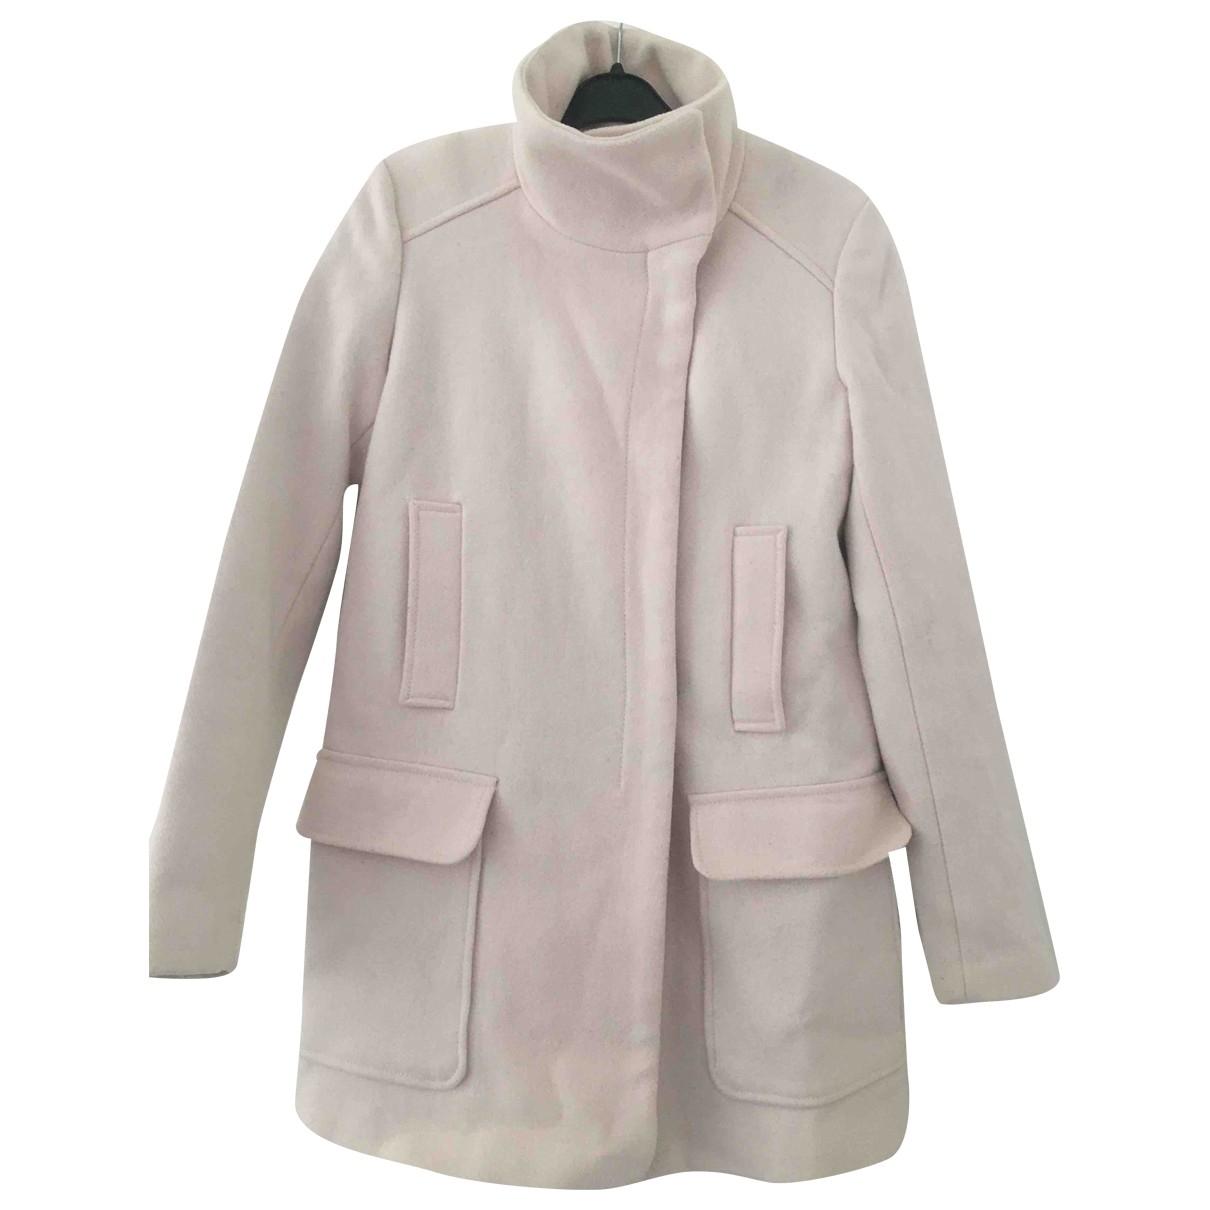 Zara - Manteau   pour femme en laine - rose